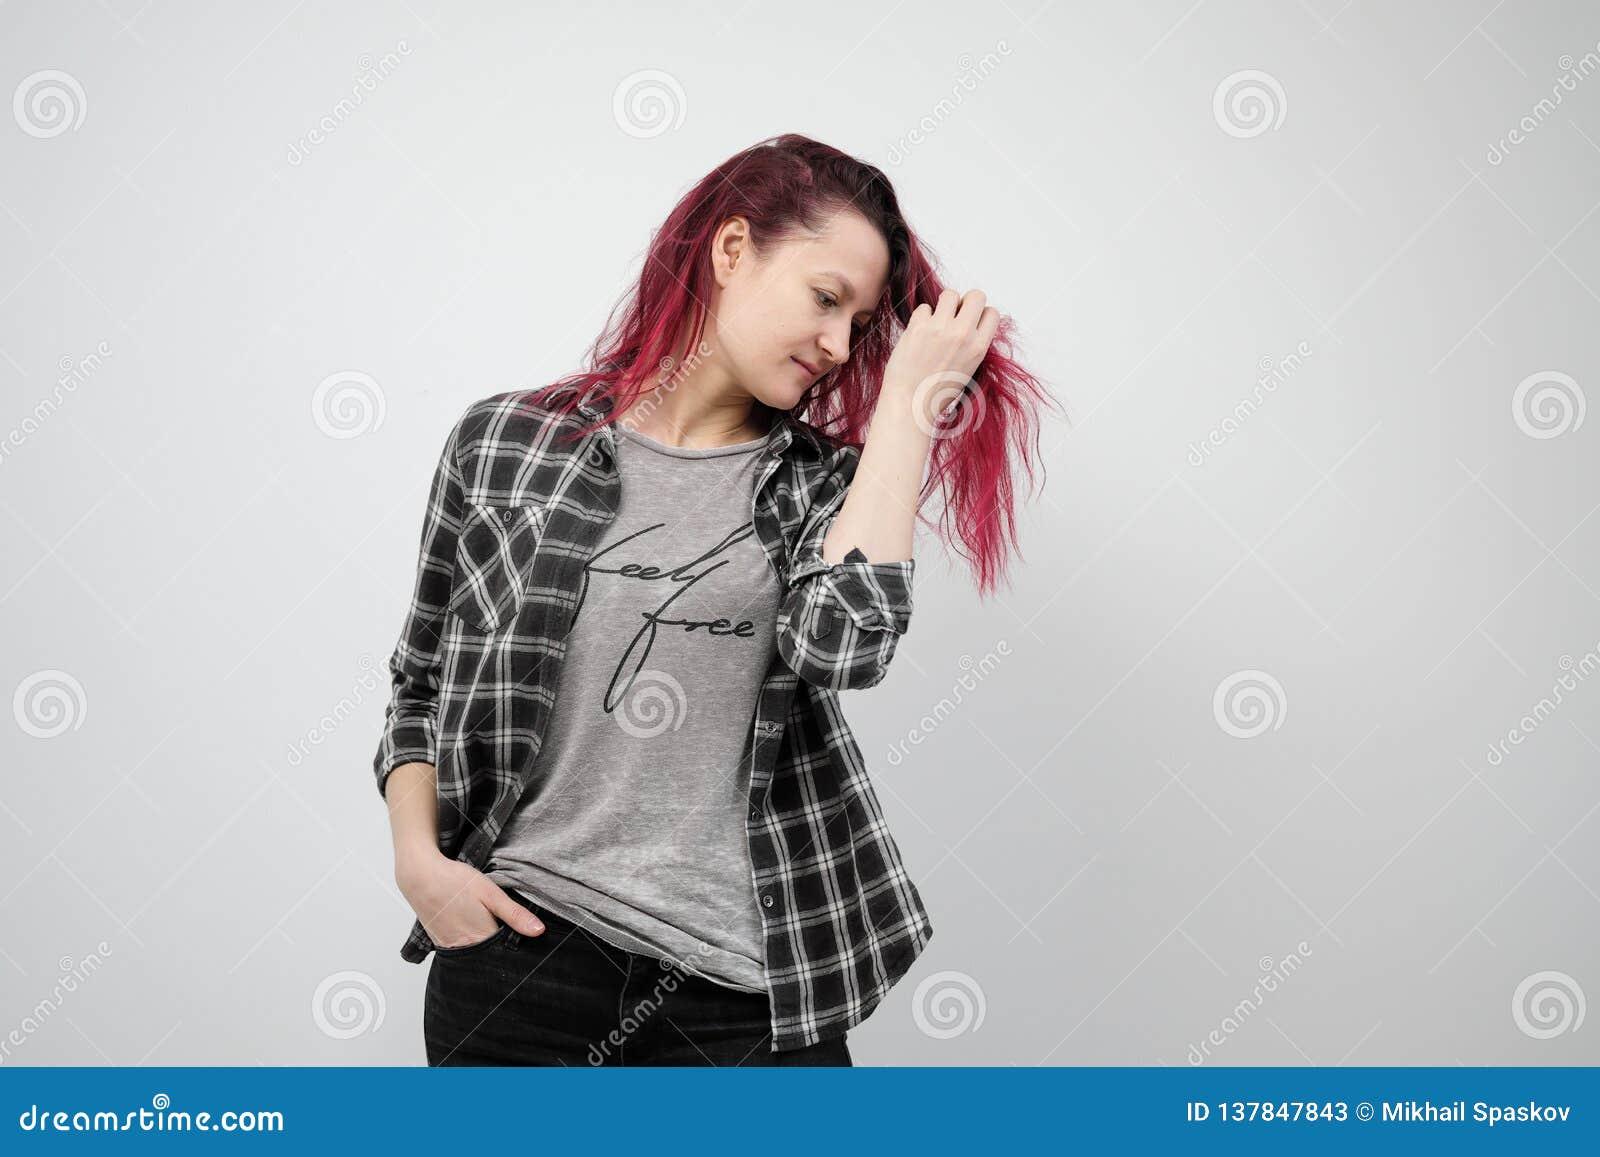 La ragazza in una camicia grigia del plaid su un fondo bianco con capelli rossi tinti